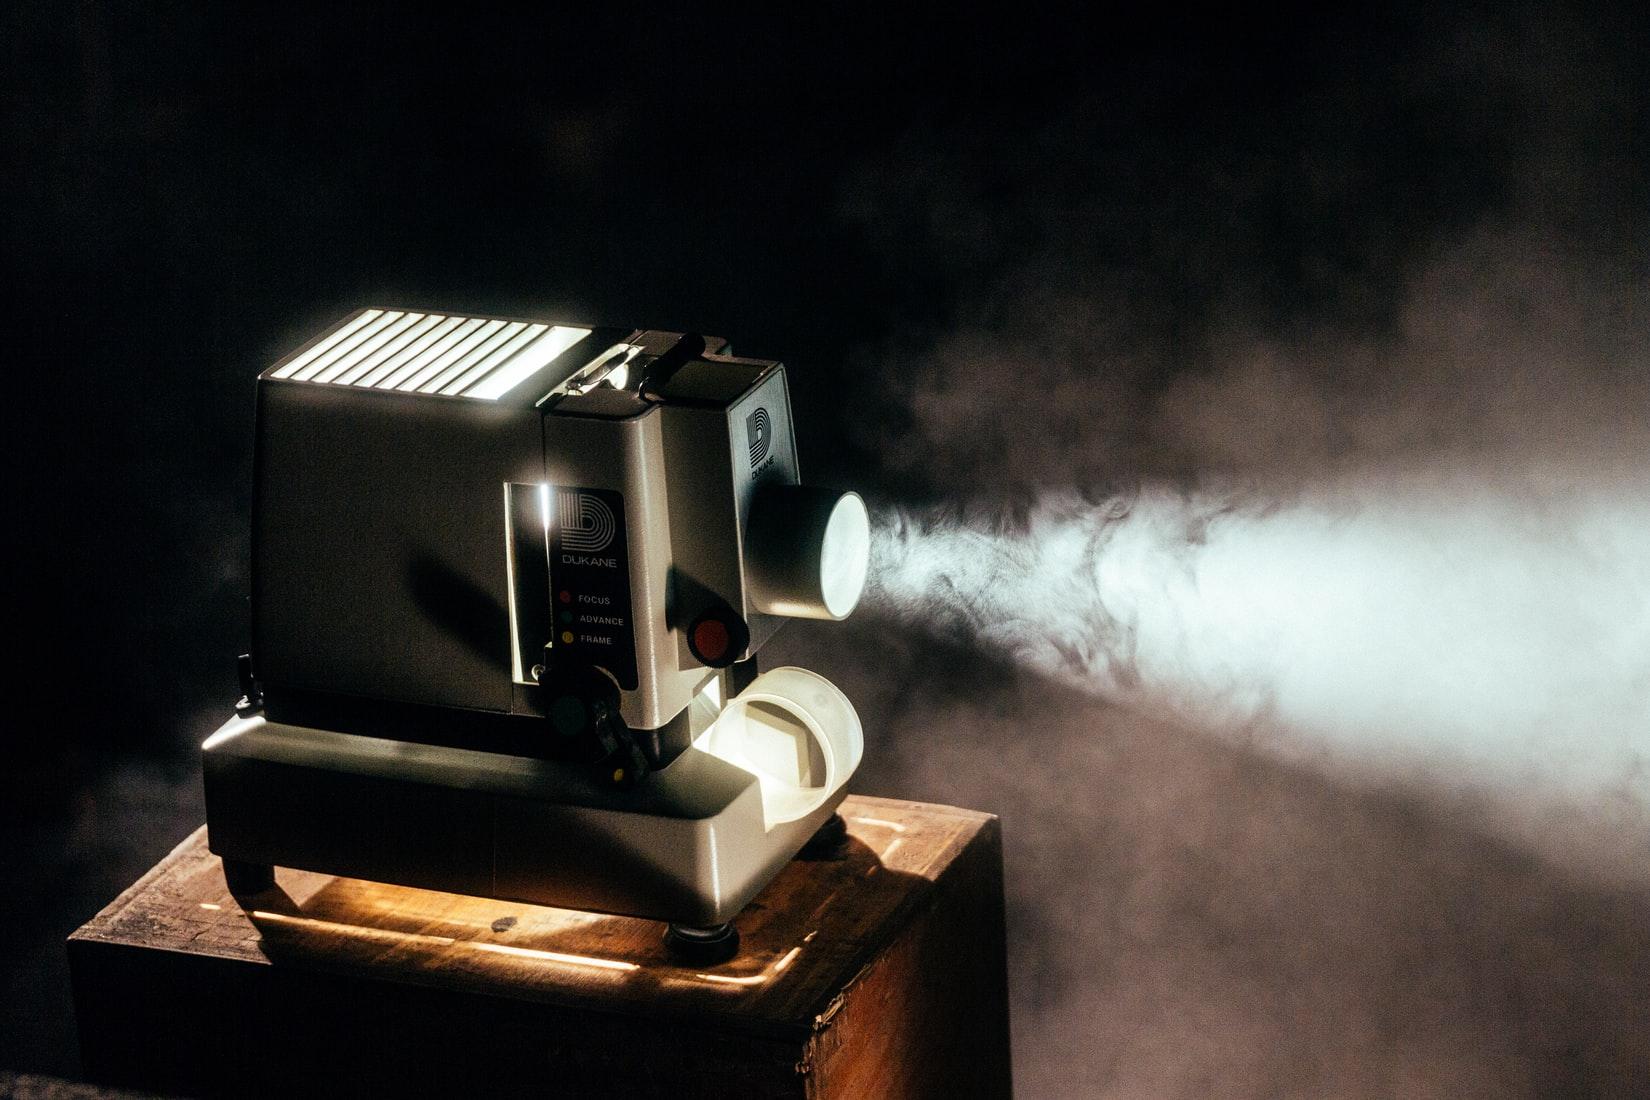 Comment un vidéoprojecteur peut-il remplacer un téléviseur ? 5